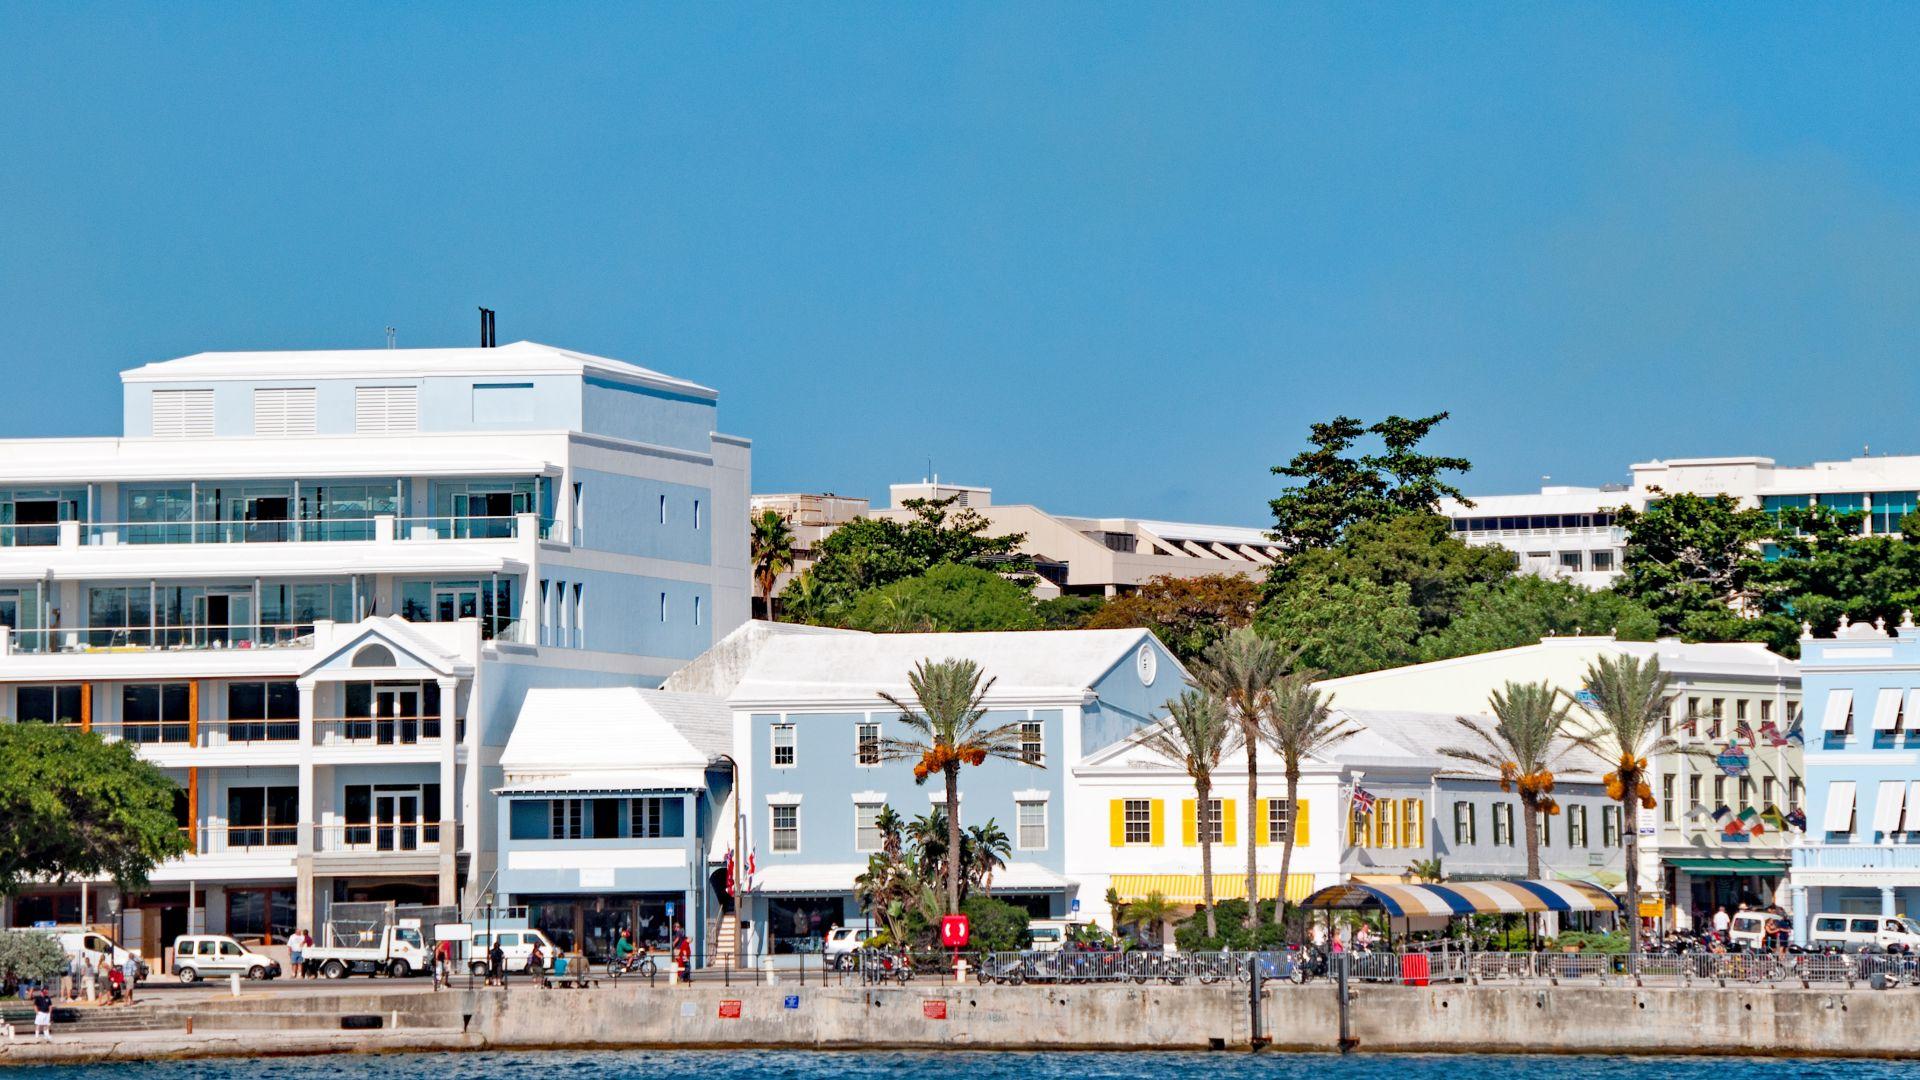 Най-скъпо е да се живее на Бермудите, ние сме на 89-о място